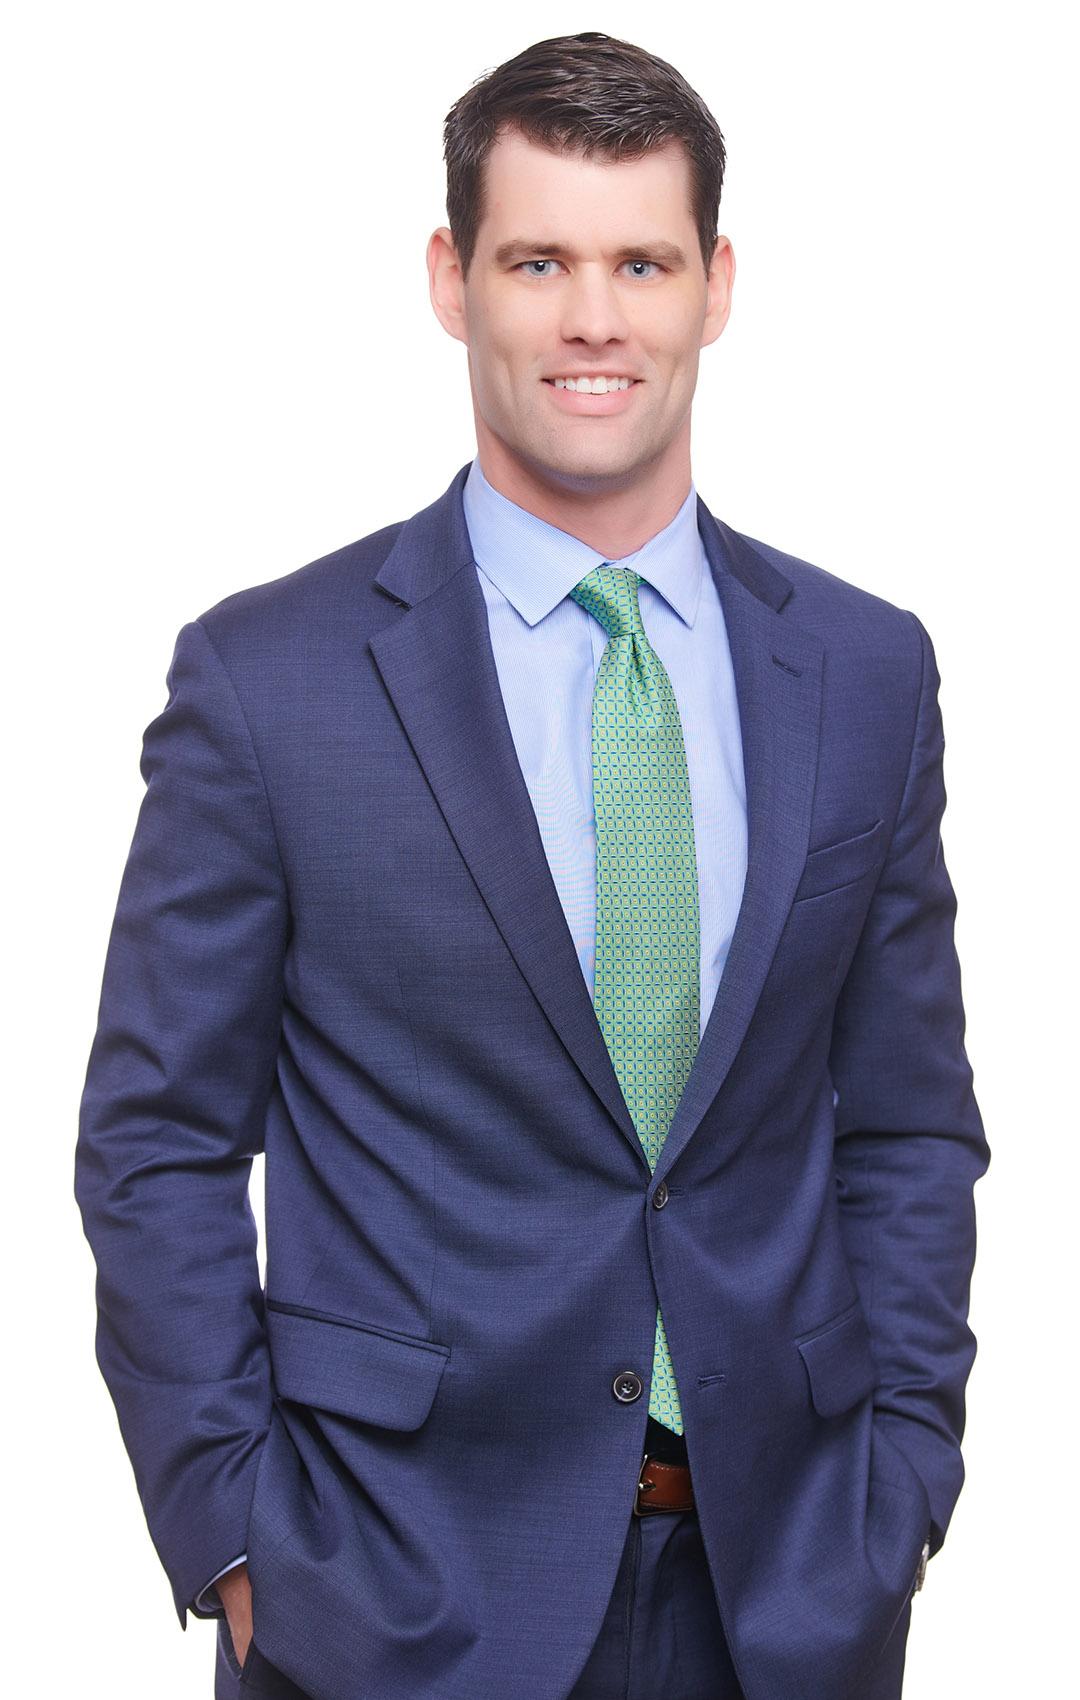 Tim J. Donovan